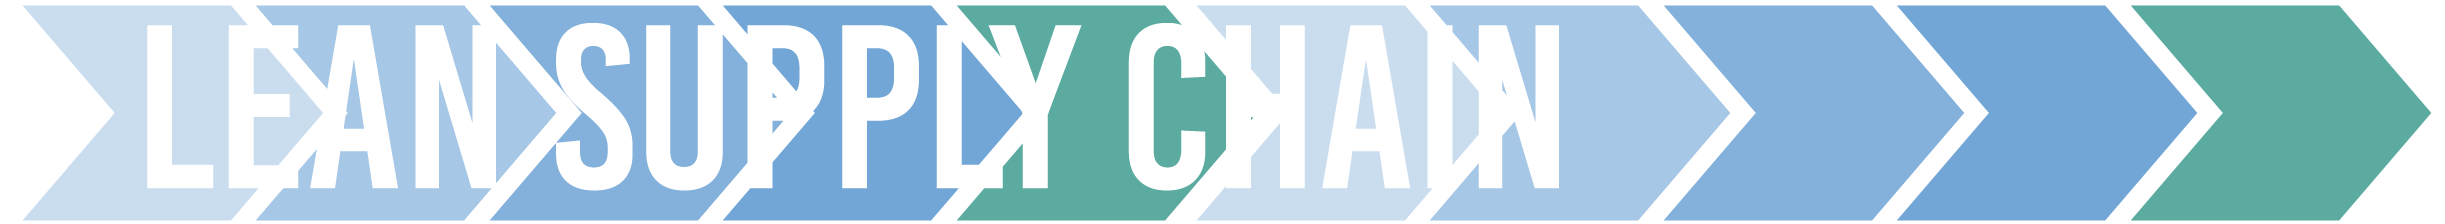 lean-supply-chain